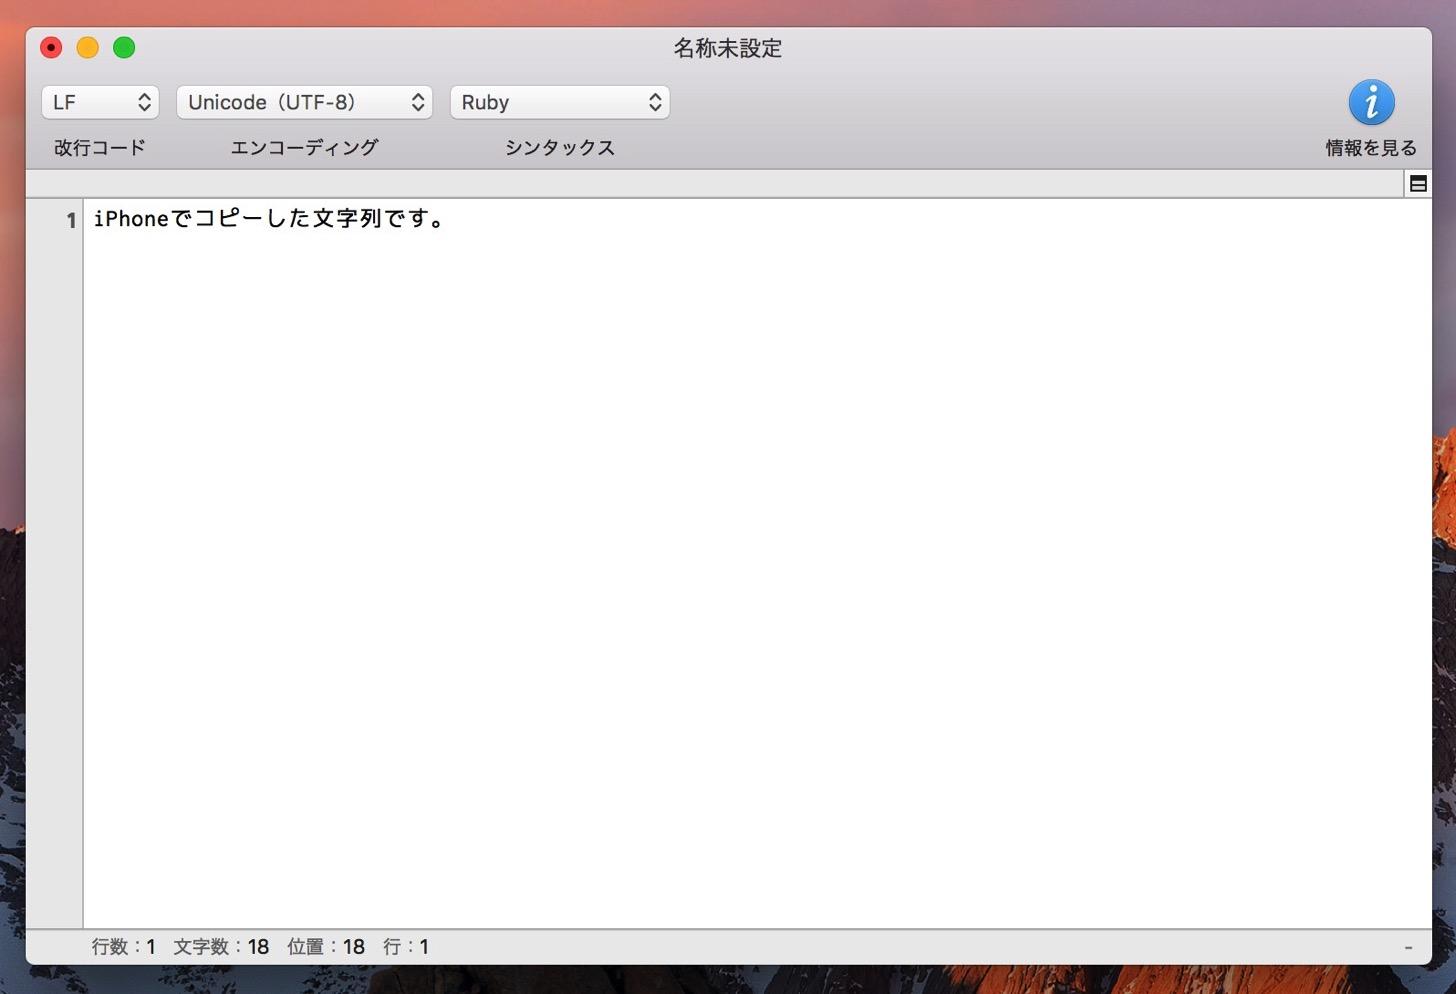 iPhoneでコピーした文字をMacに貼り付けられます。